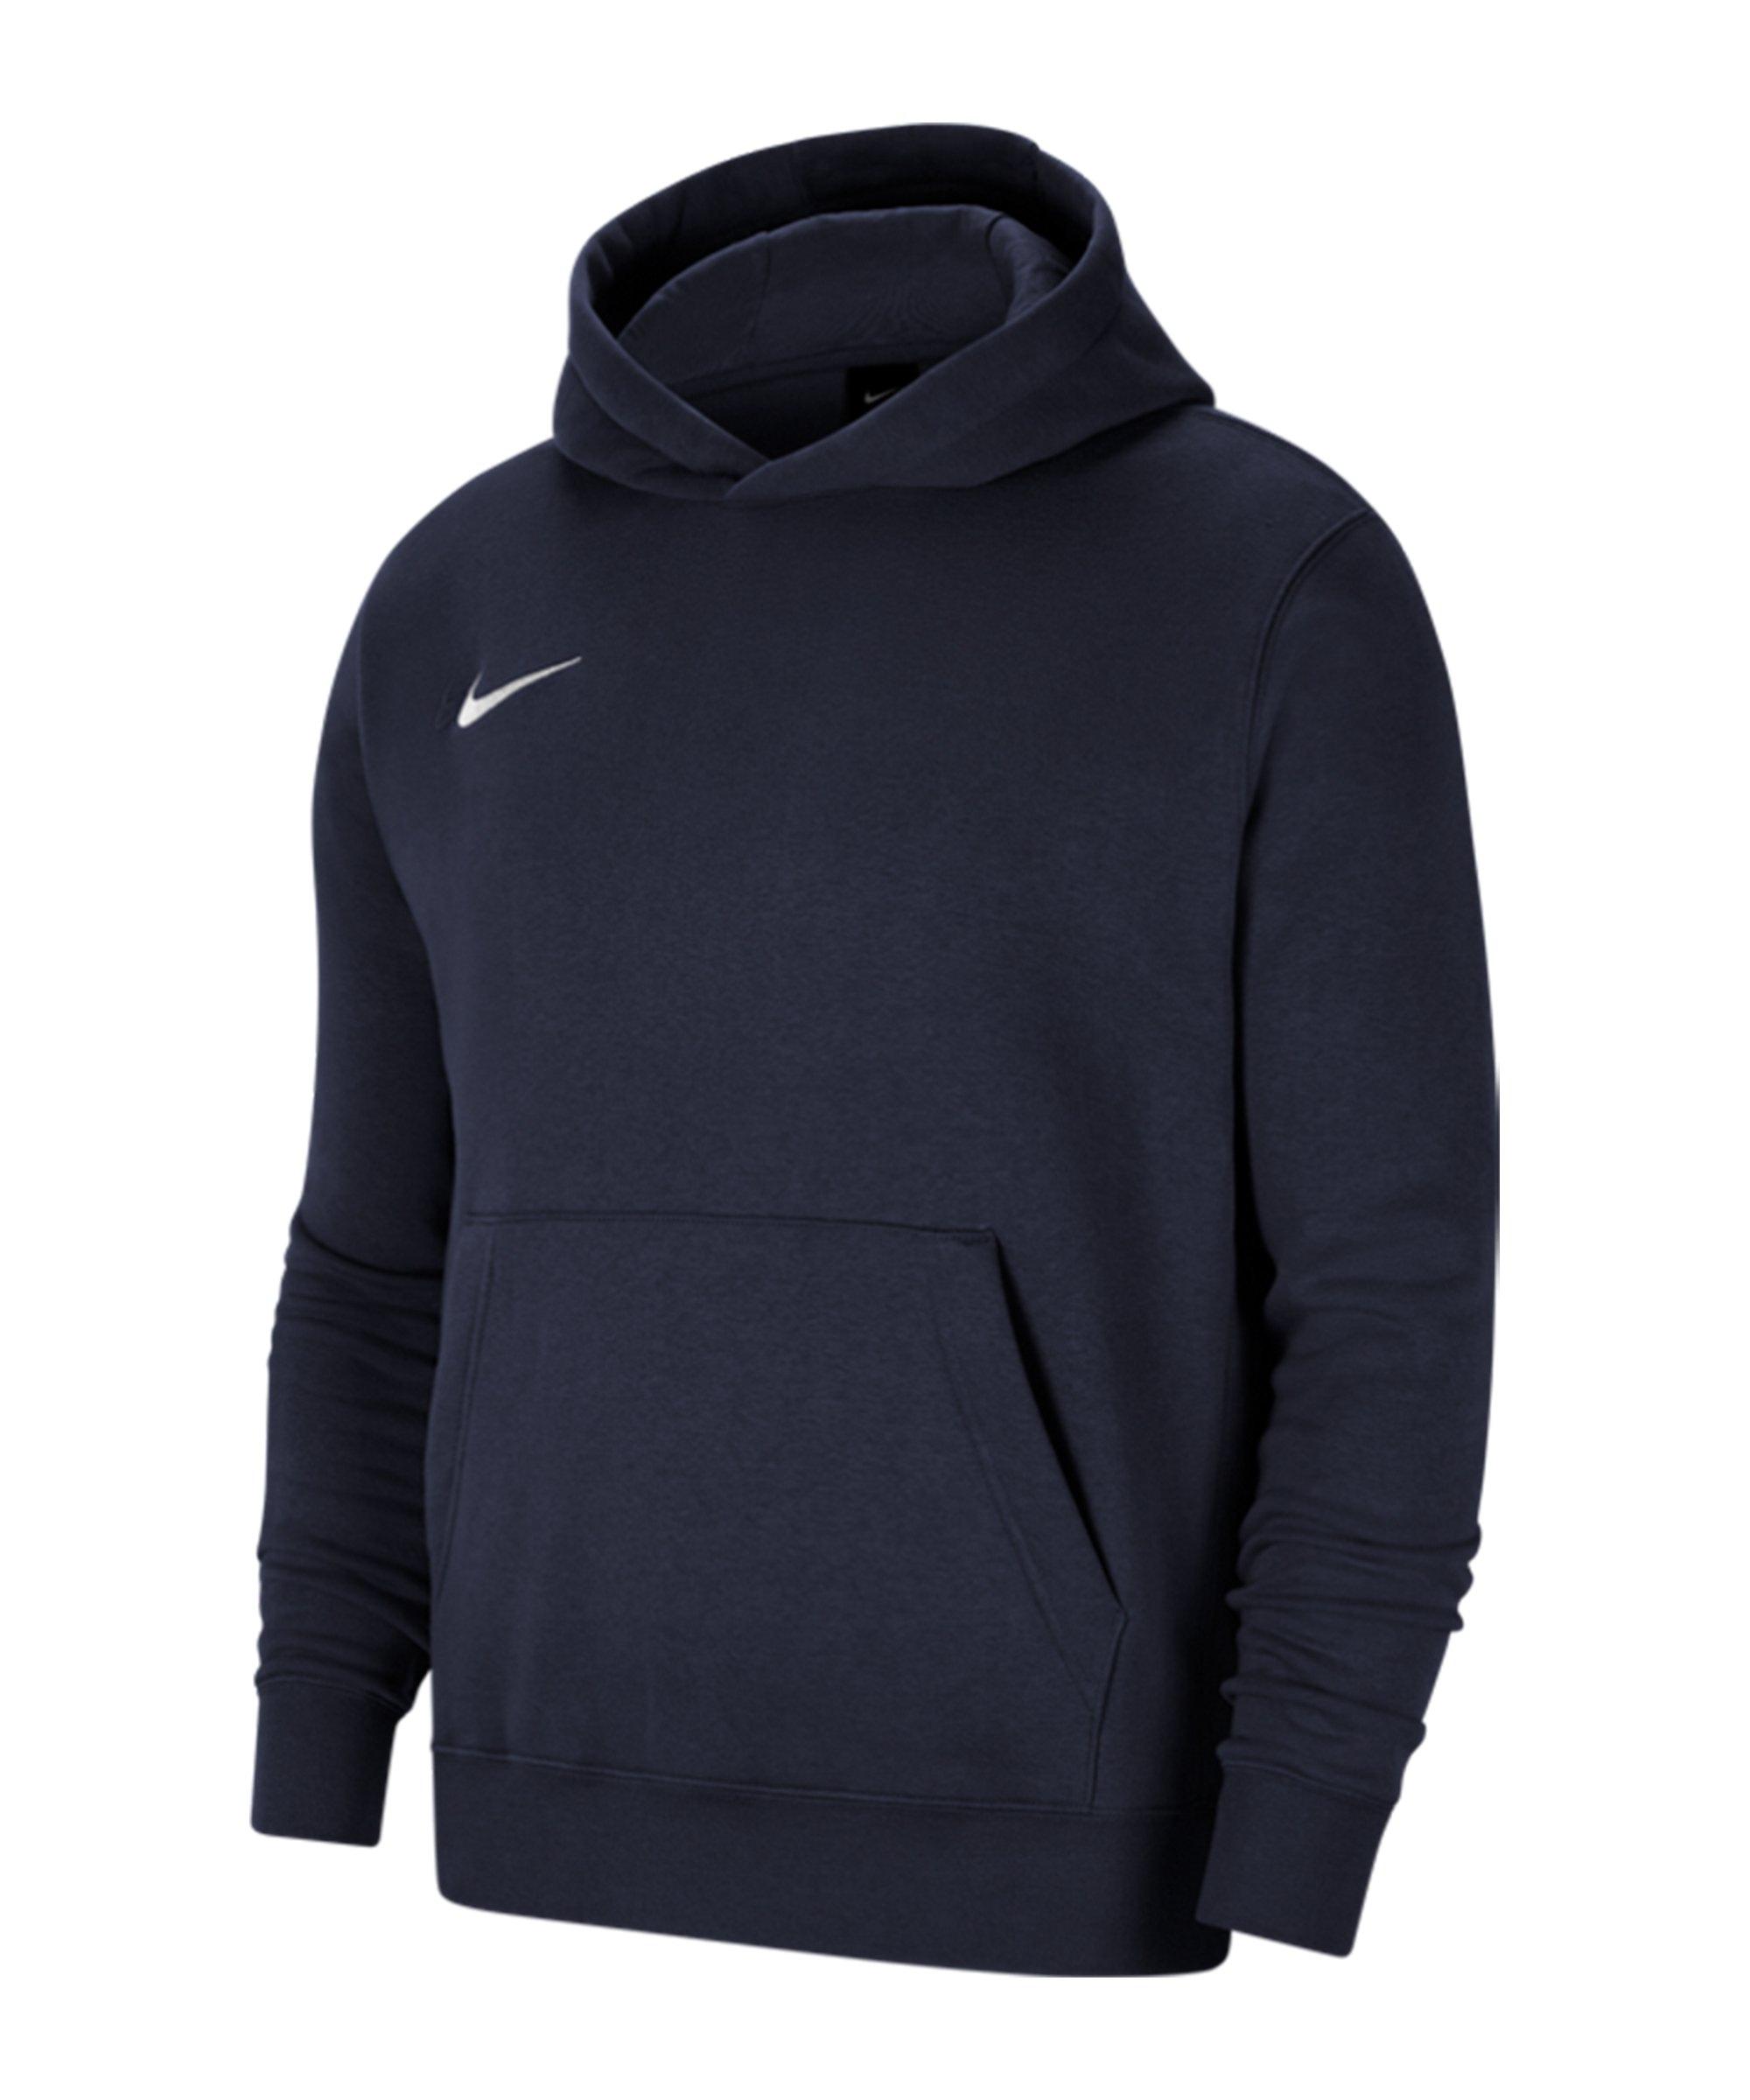 Nike Park 20 Fleece Hoody Kids Blau Weiss F451 - blau